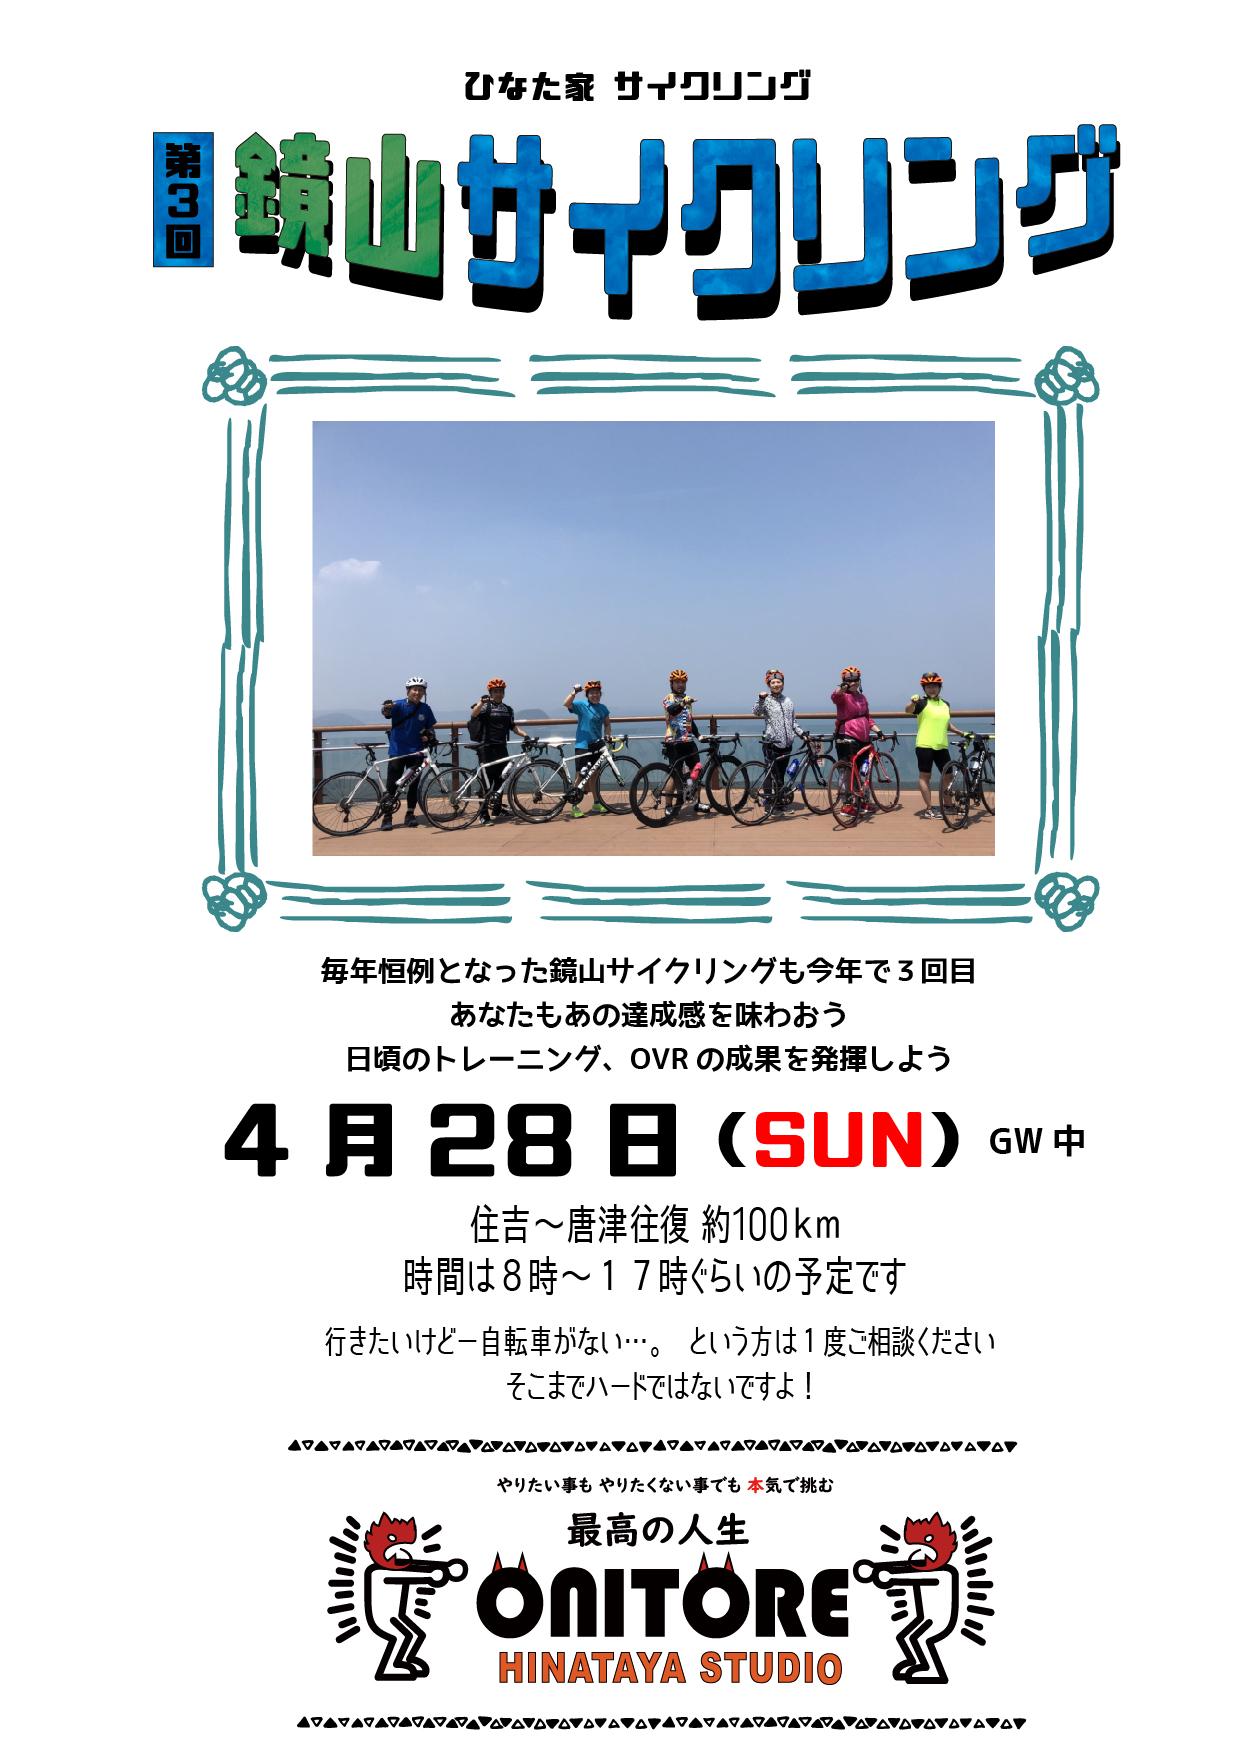 鏡山サイクリング_アートボード 1